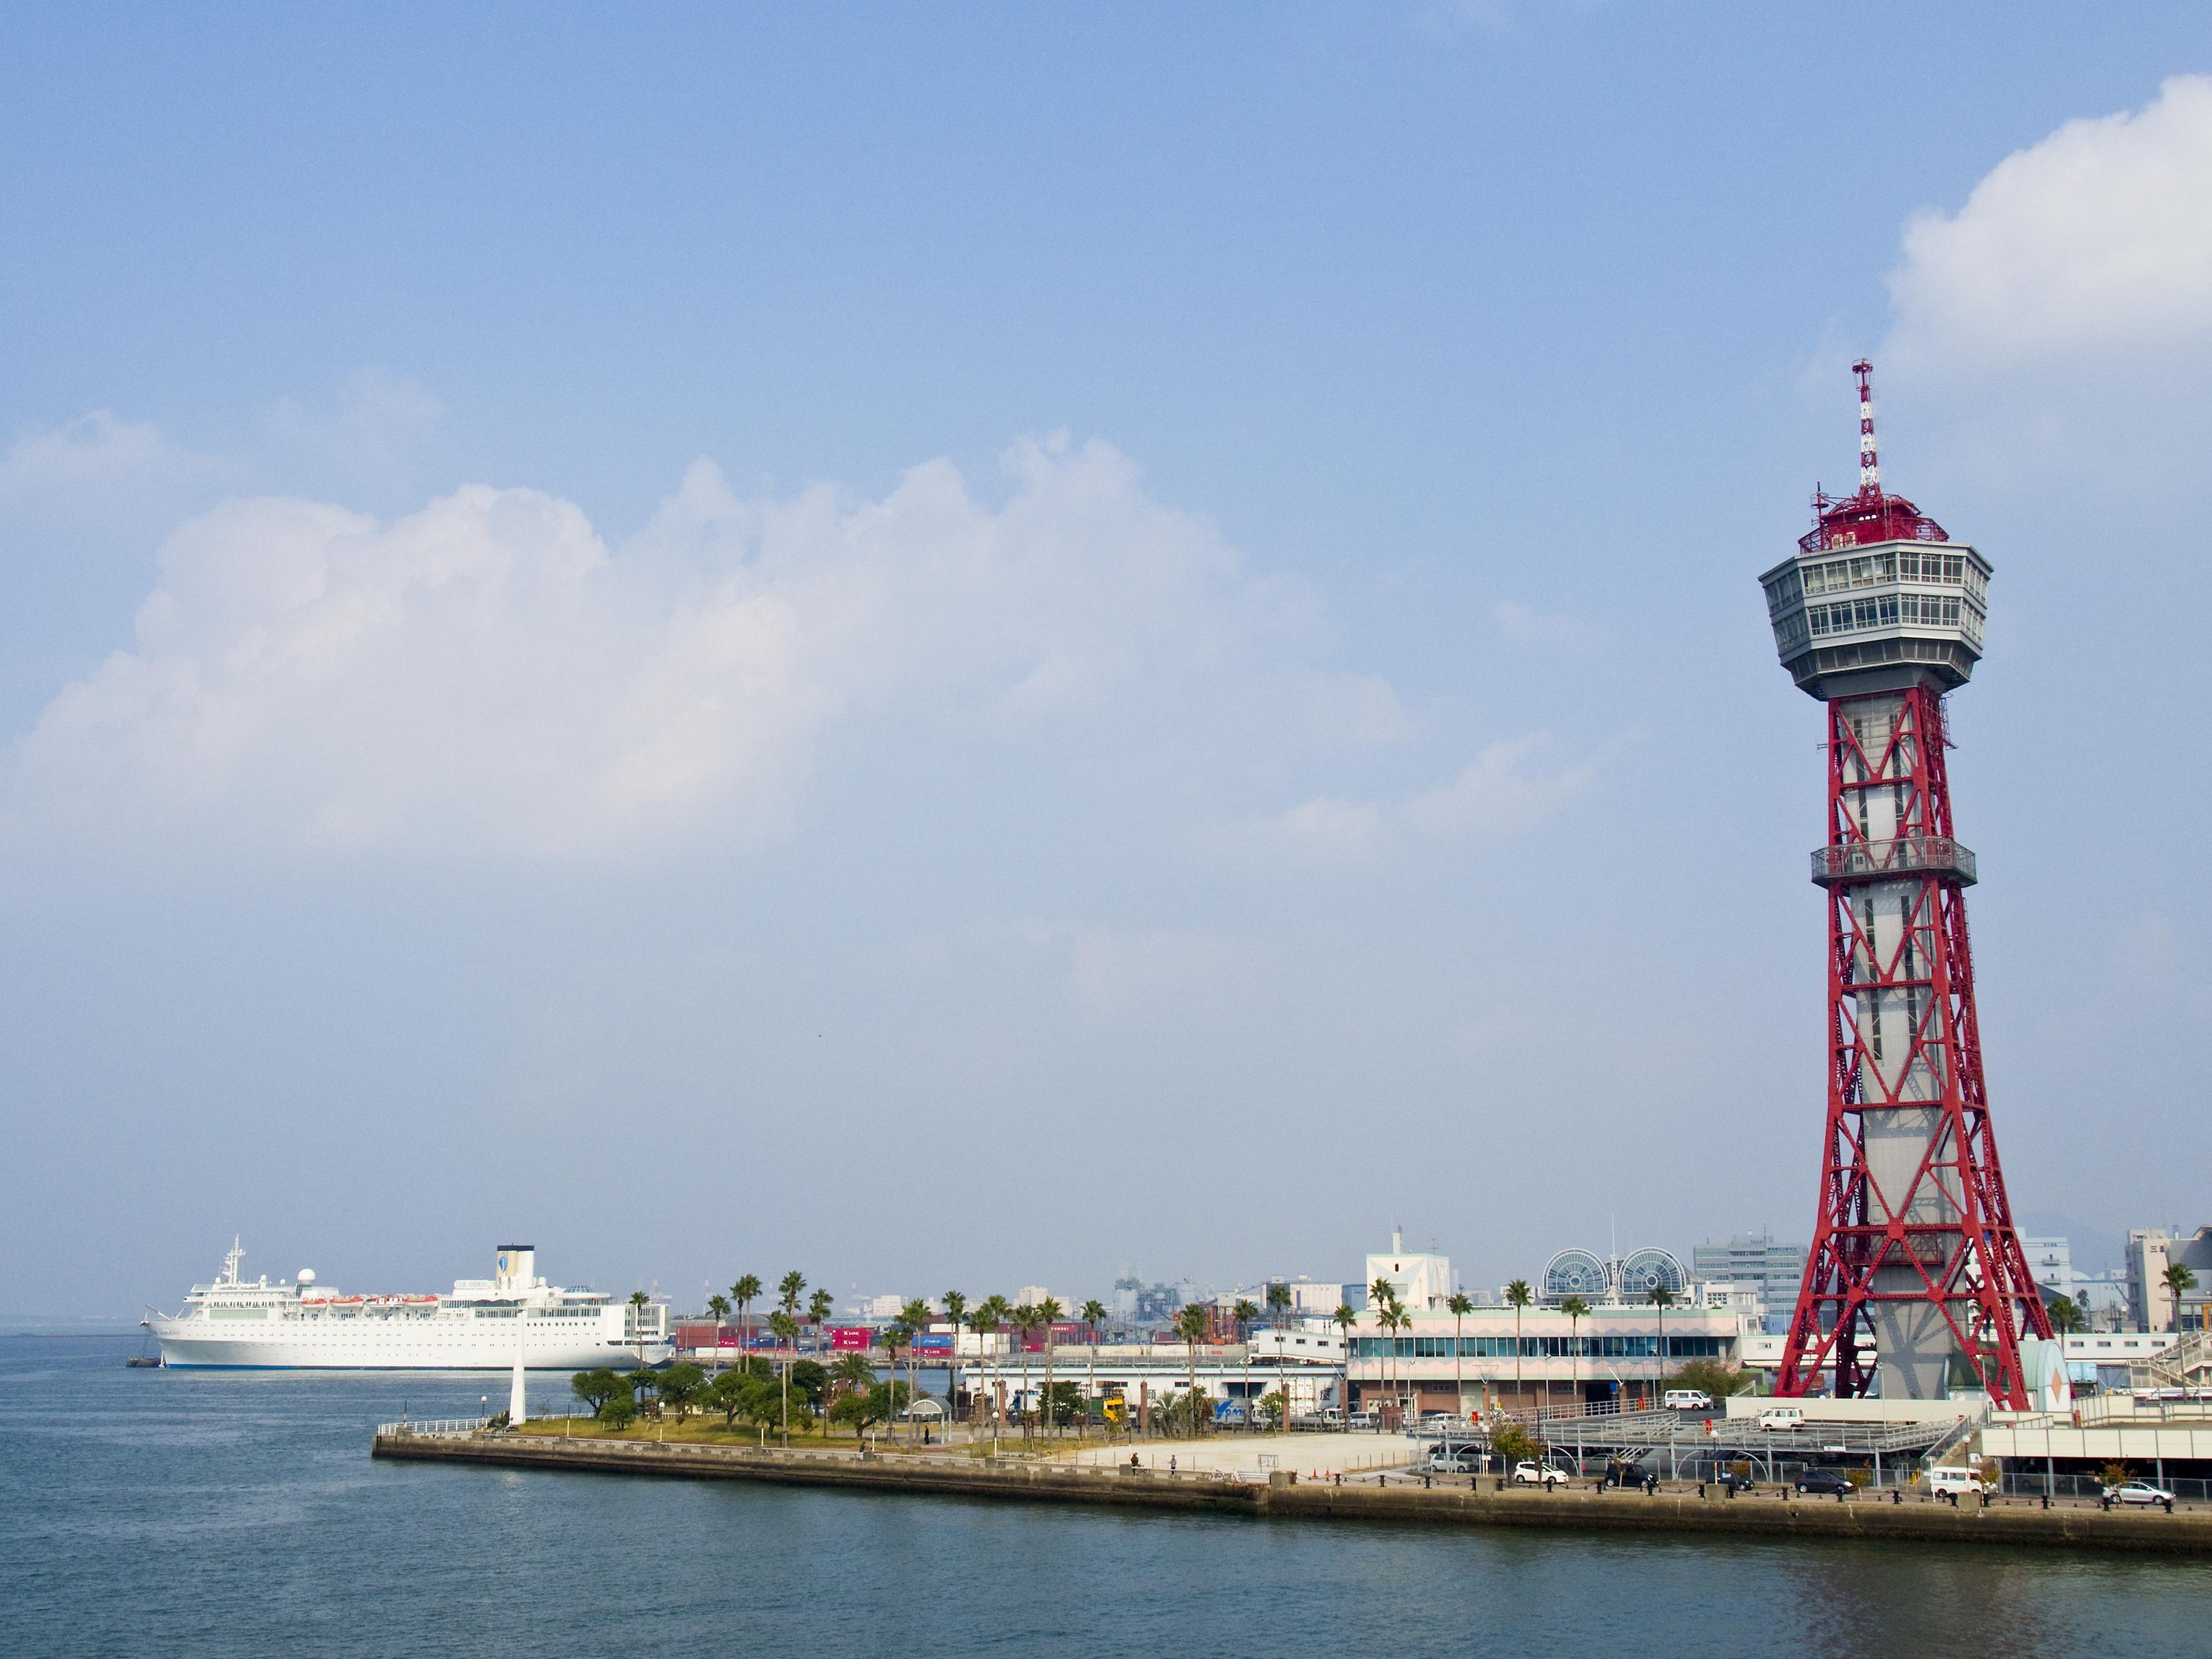 クルーズ船 クラブ・ハーモニー(2012)の画像